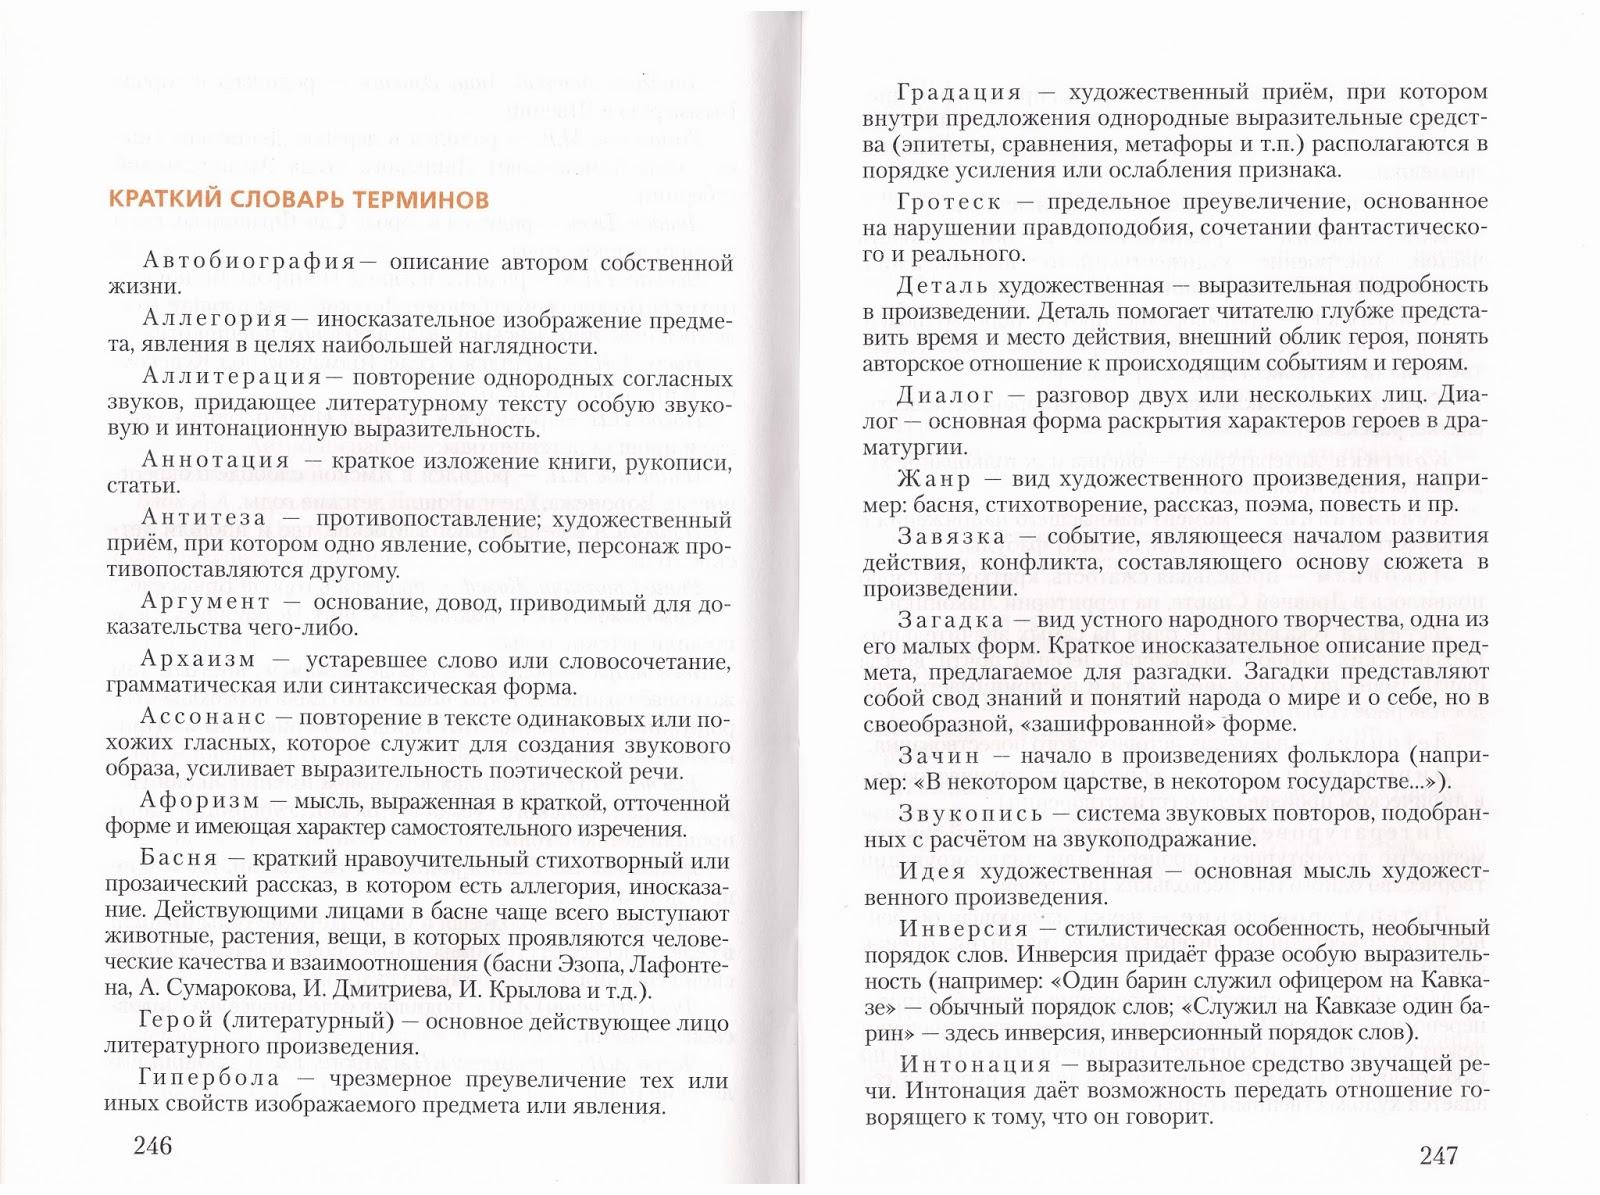 Образовательный блог учителя русского языка и литературы  Краткий словарь терминов по литературе 5 класс